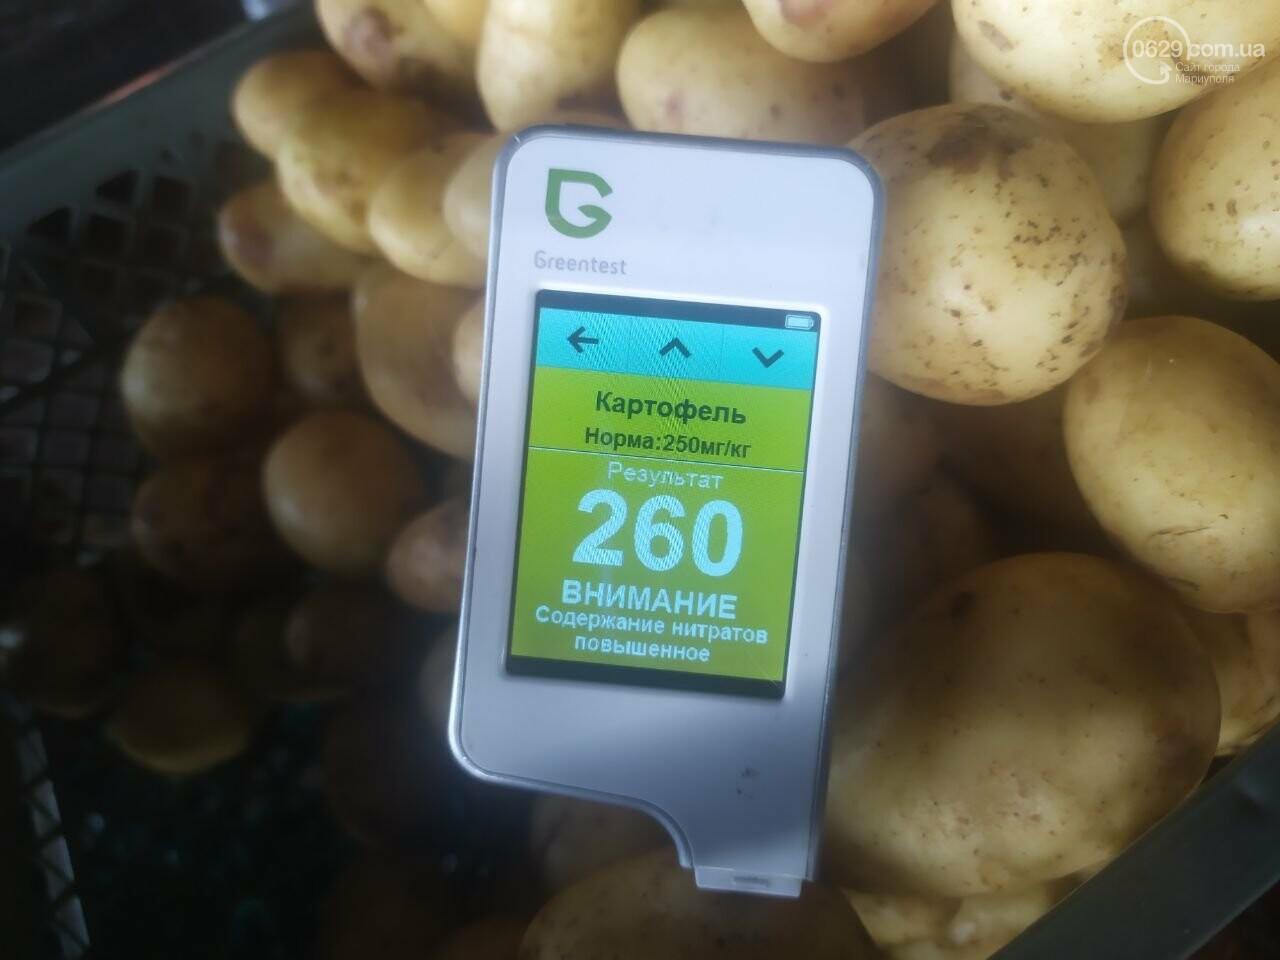 Опасна ли картошка, которую продают в Мариуполе, фото-1